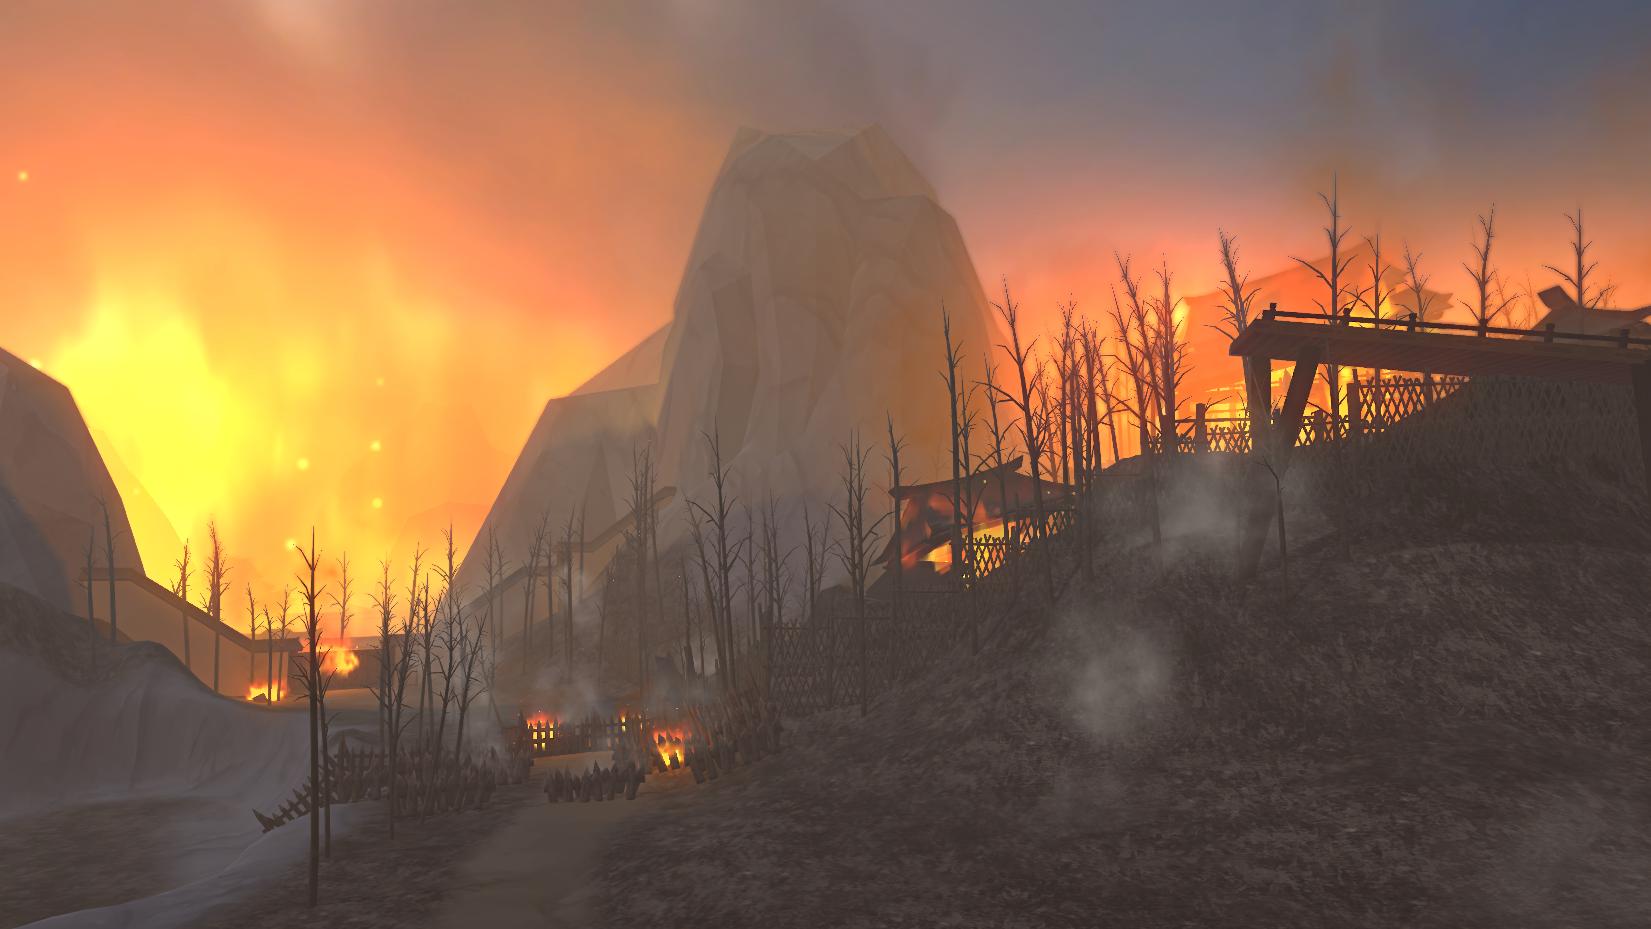 国产单机ARPG游戏《牧剑》将于元旦在STEAM发售